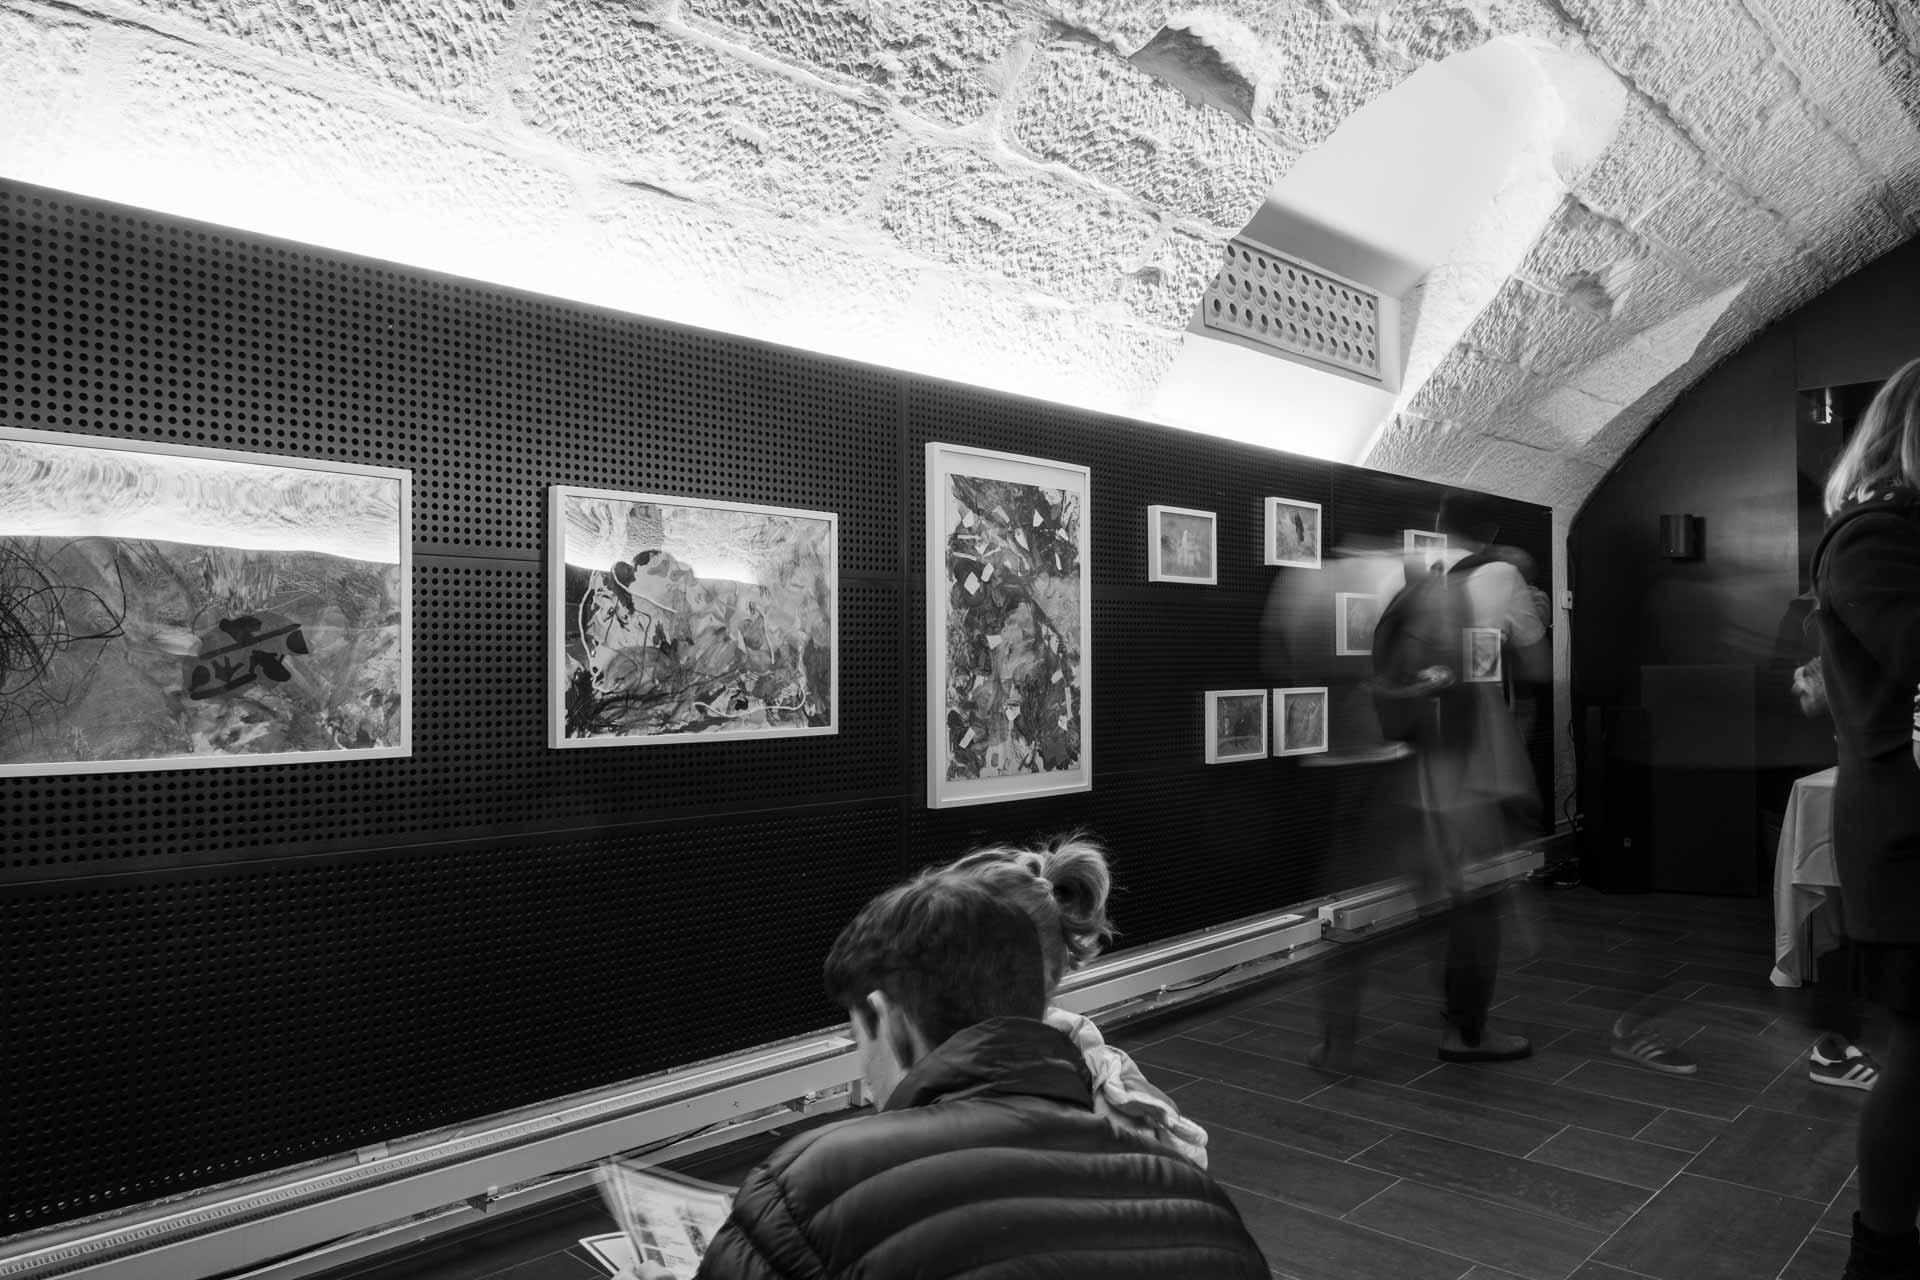 Educalis Musée de l'Elysée